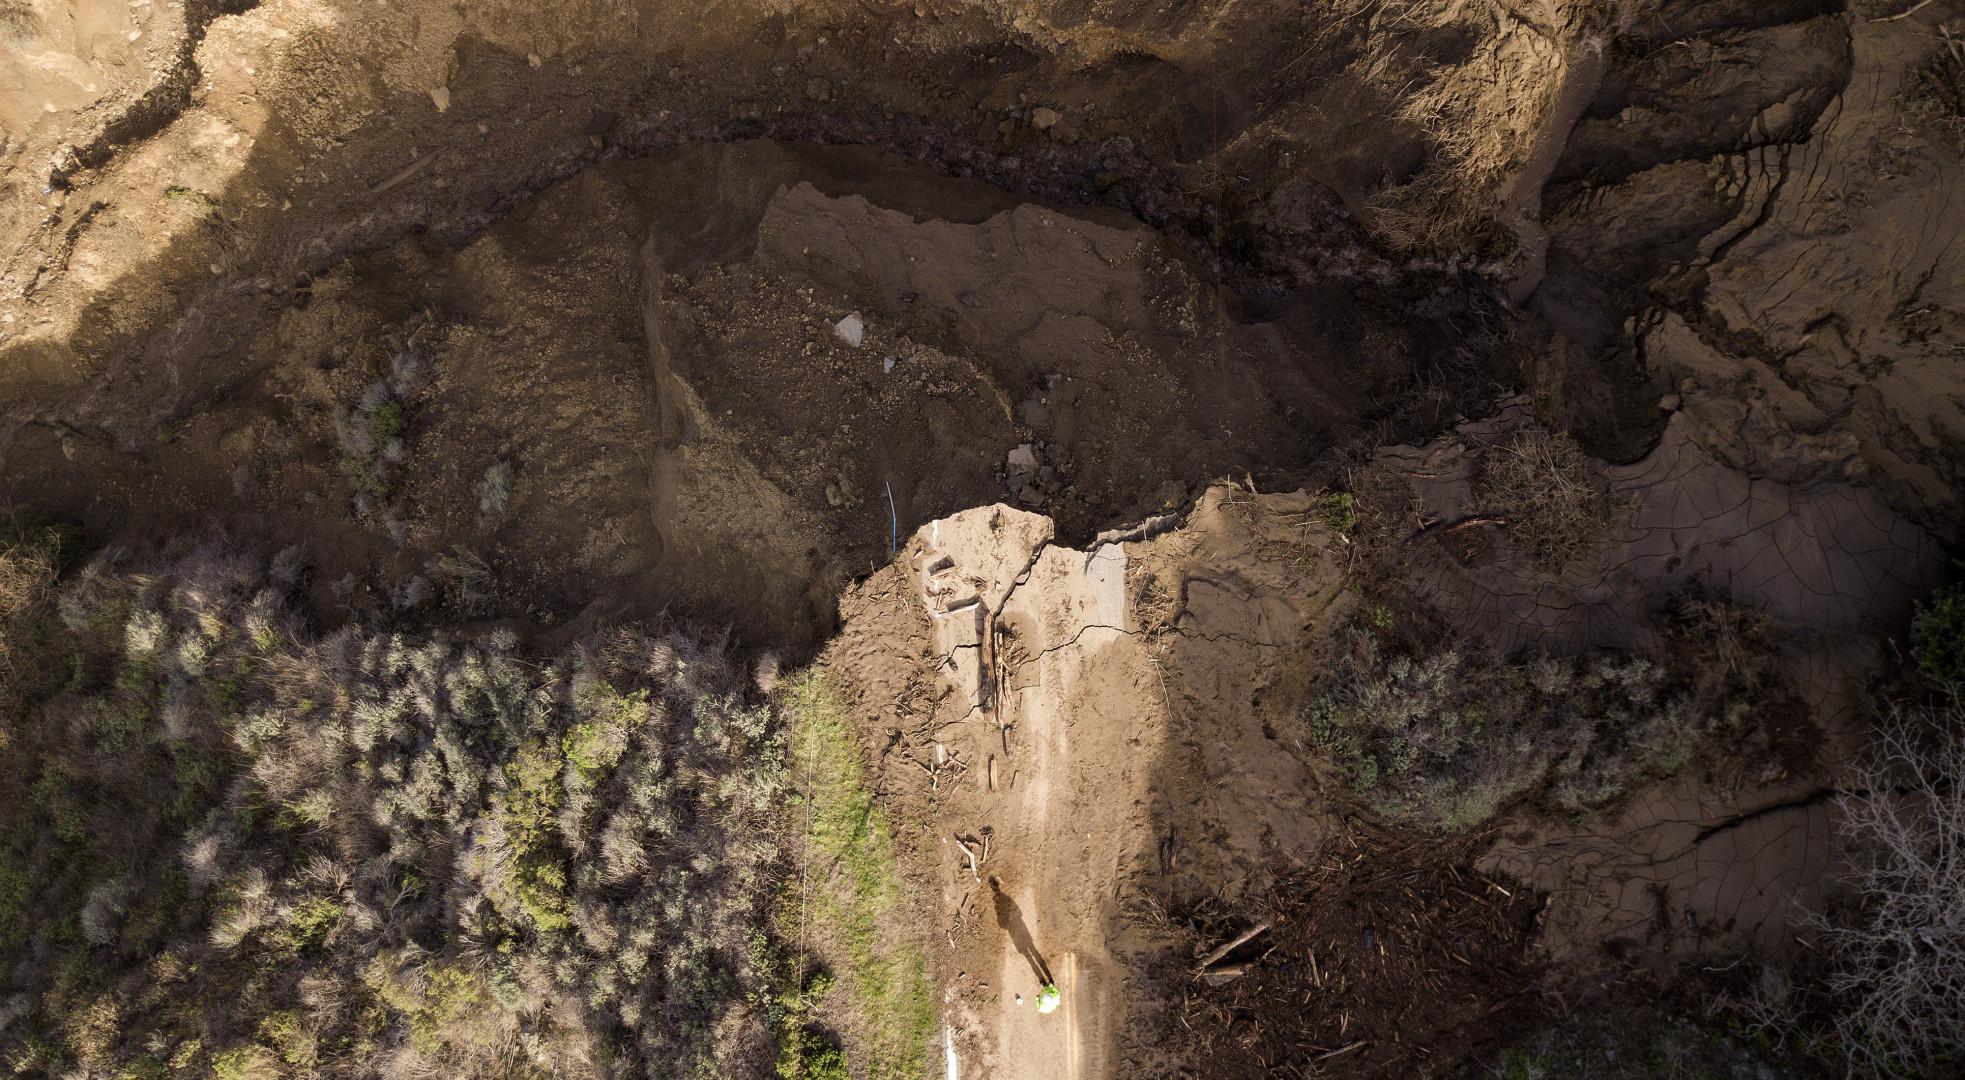 Vu du ciel, la rupture provoquée par la chute de débris sur l'autoroute.